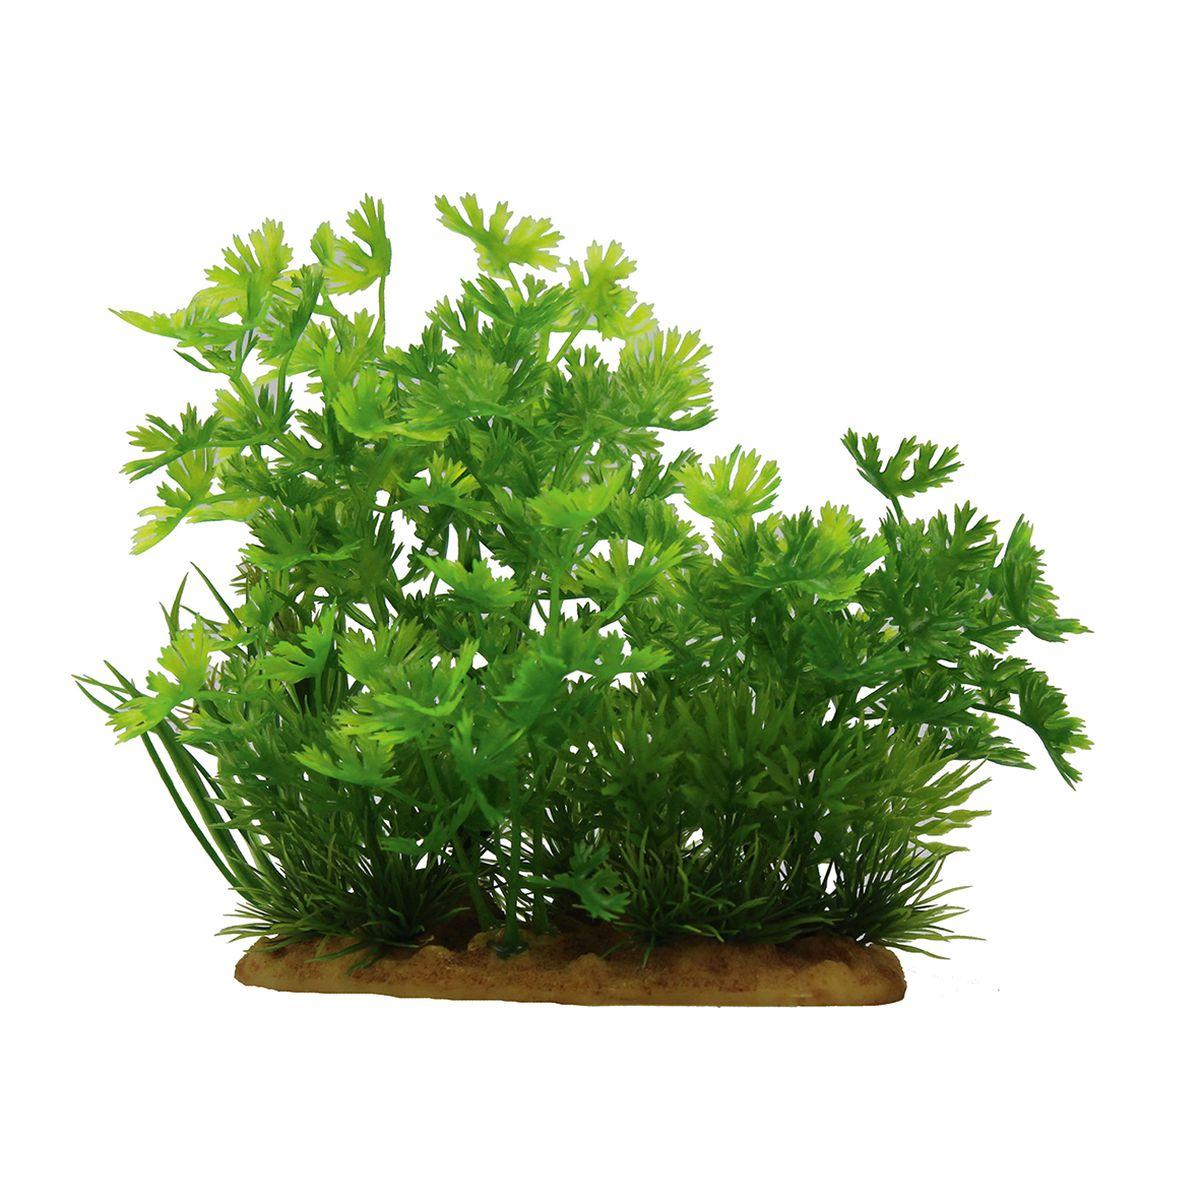 Растение для аквариума ArtUniq Лютик водный, высота 15 см0120710Растение для аквариума ArtUniq Лютик водный, высота 15 см